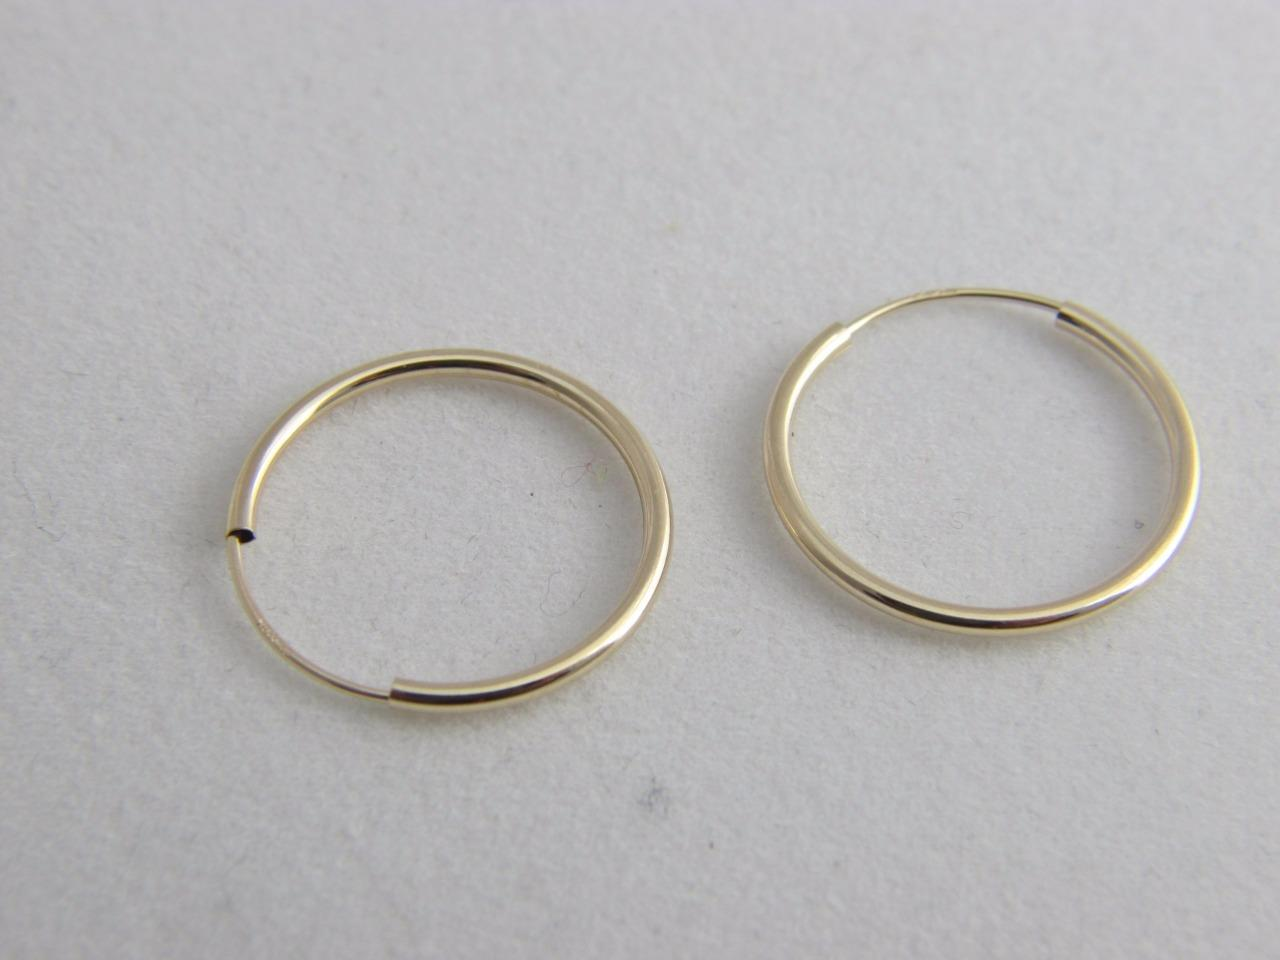 real 14k gold hoop earrings endless hoops 12mm 18mm 40mm. Black Bedroom Furniture Sets. Home Design Ideas